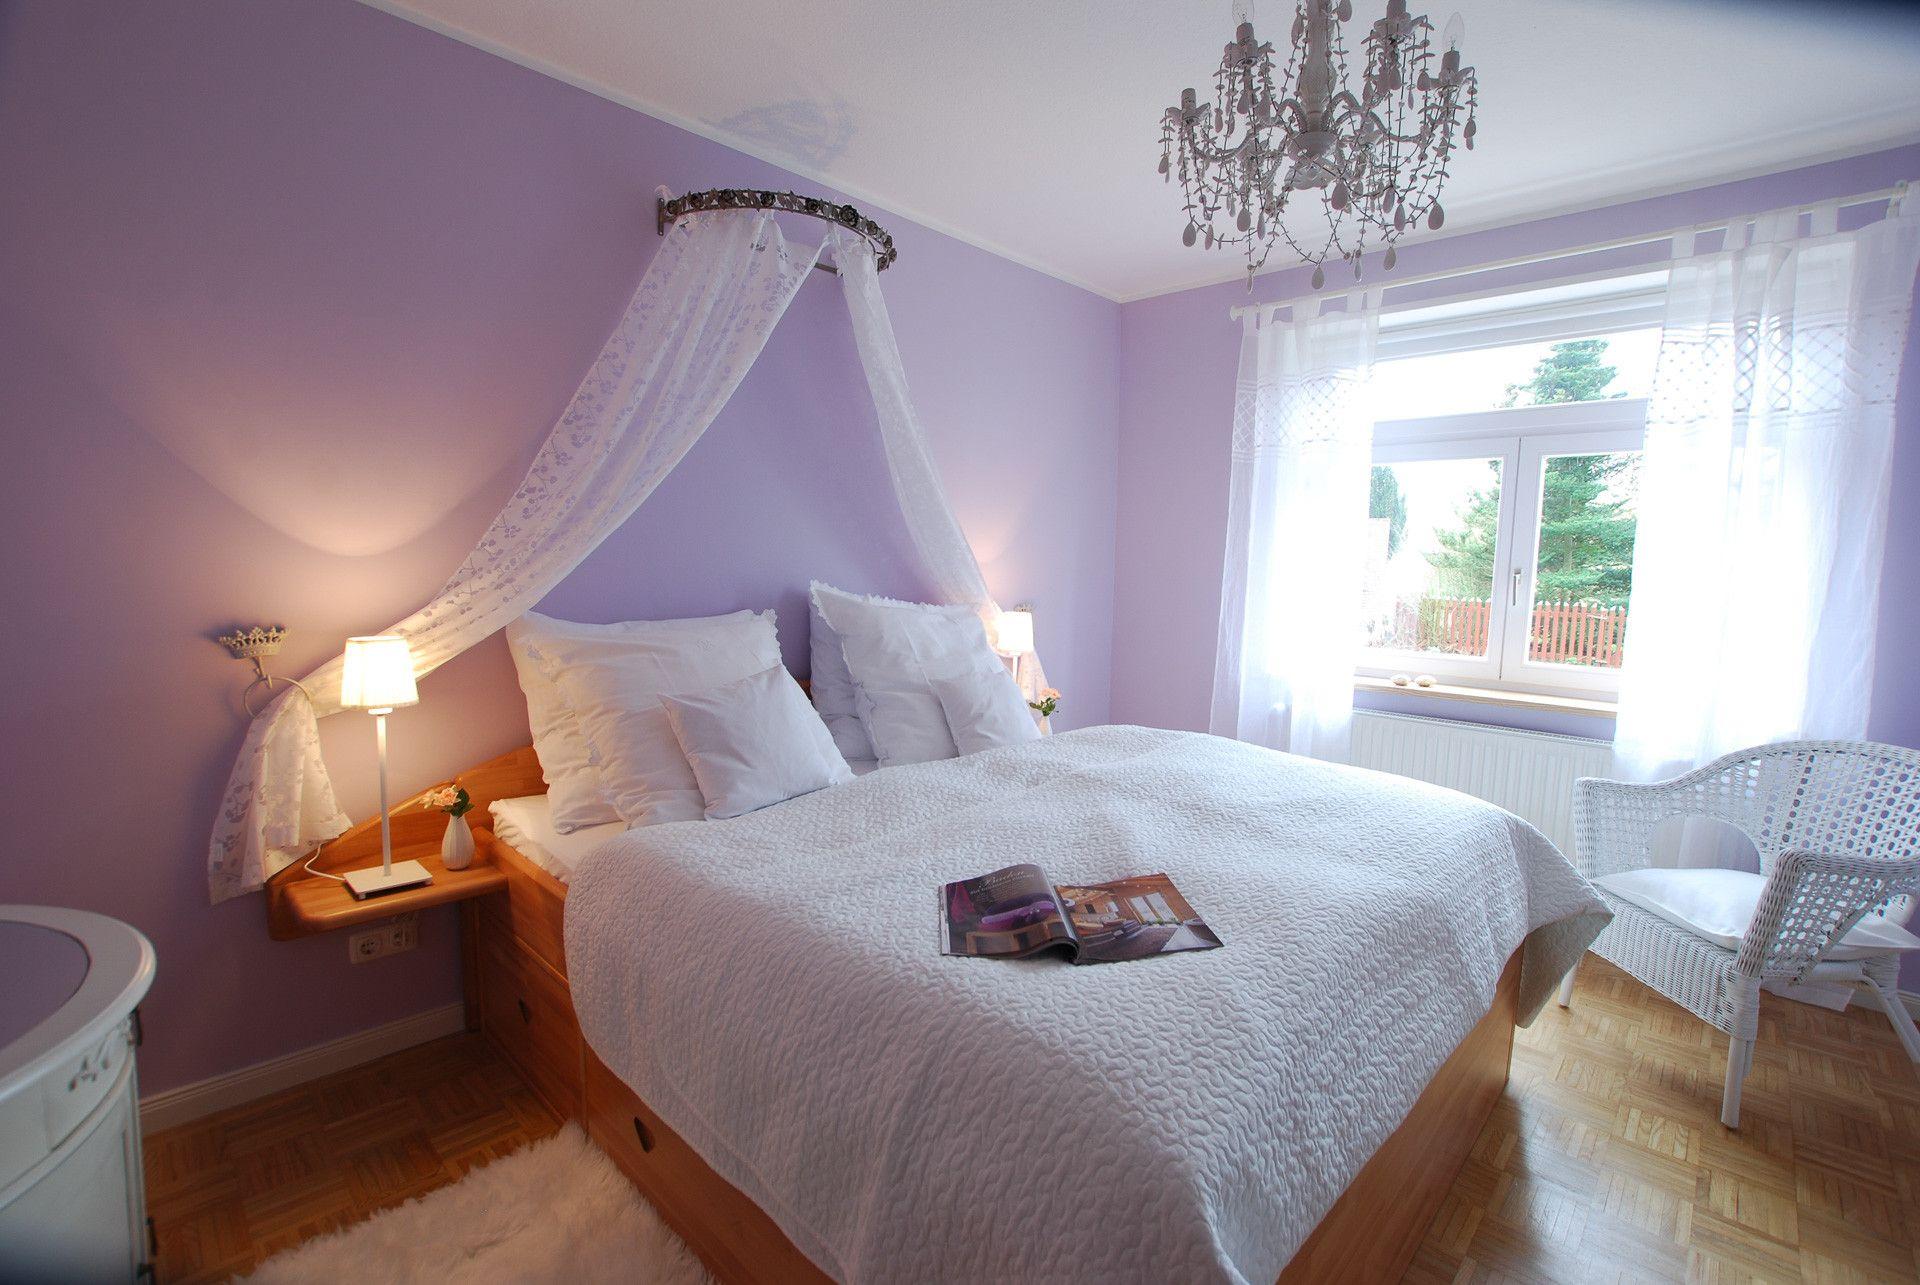 schlafzimmergestaltenflieder farbe.html Bedroom